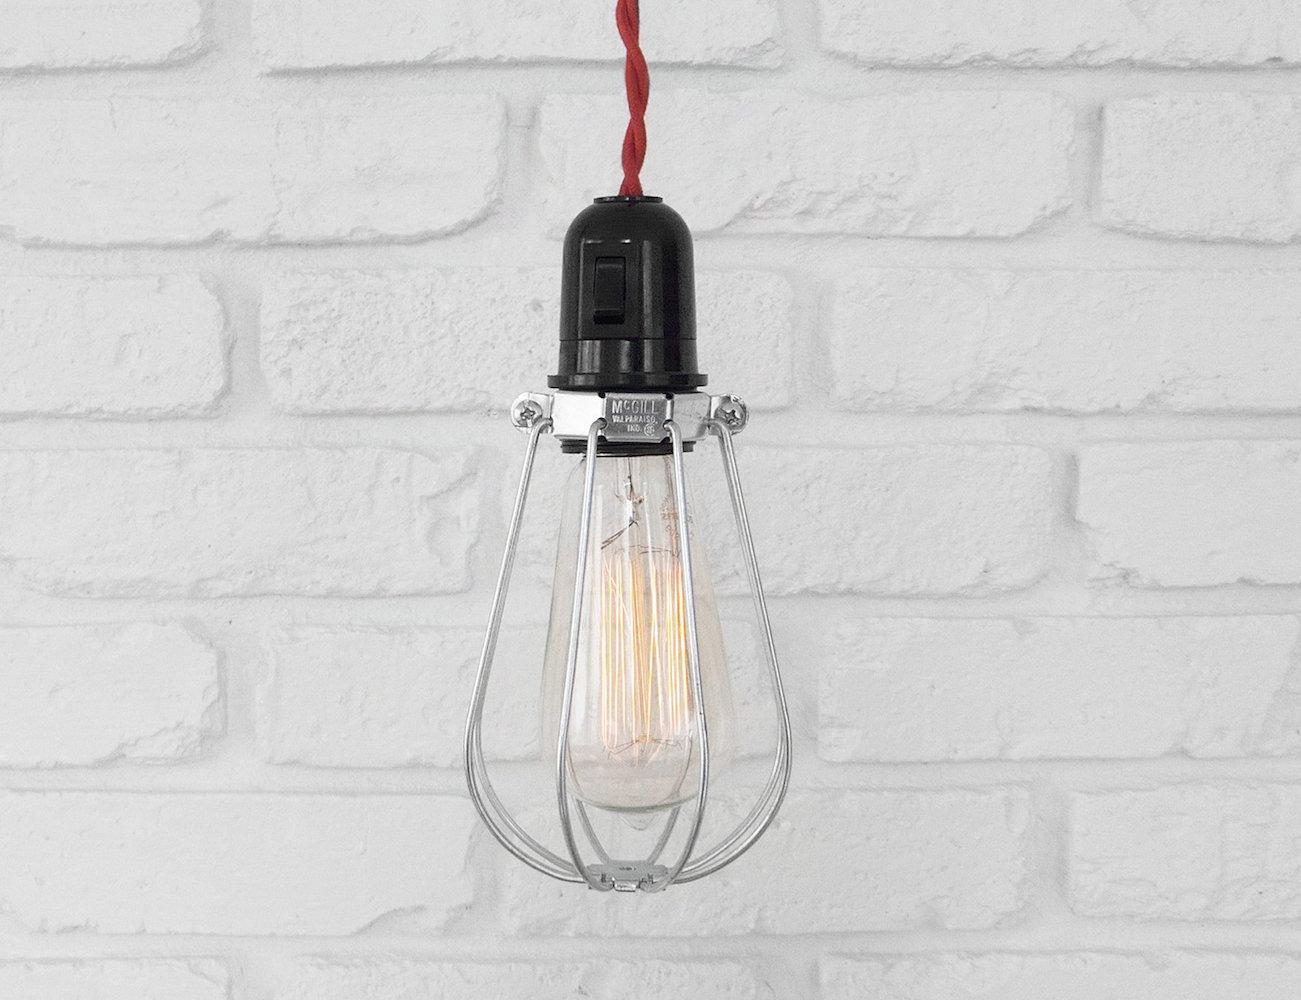 The Morton Lamp